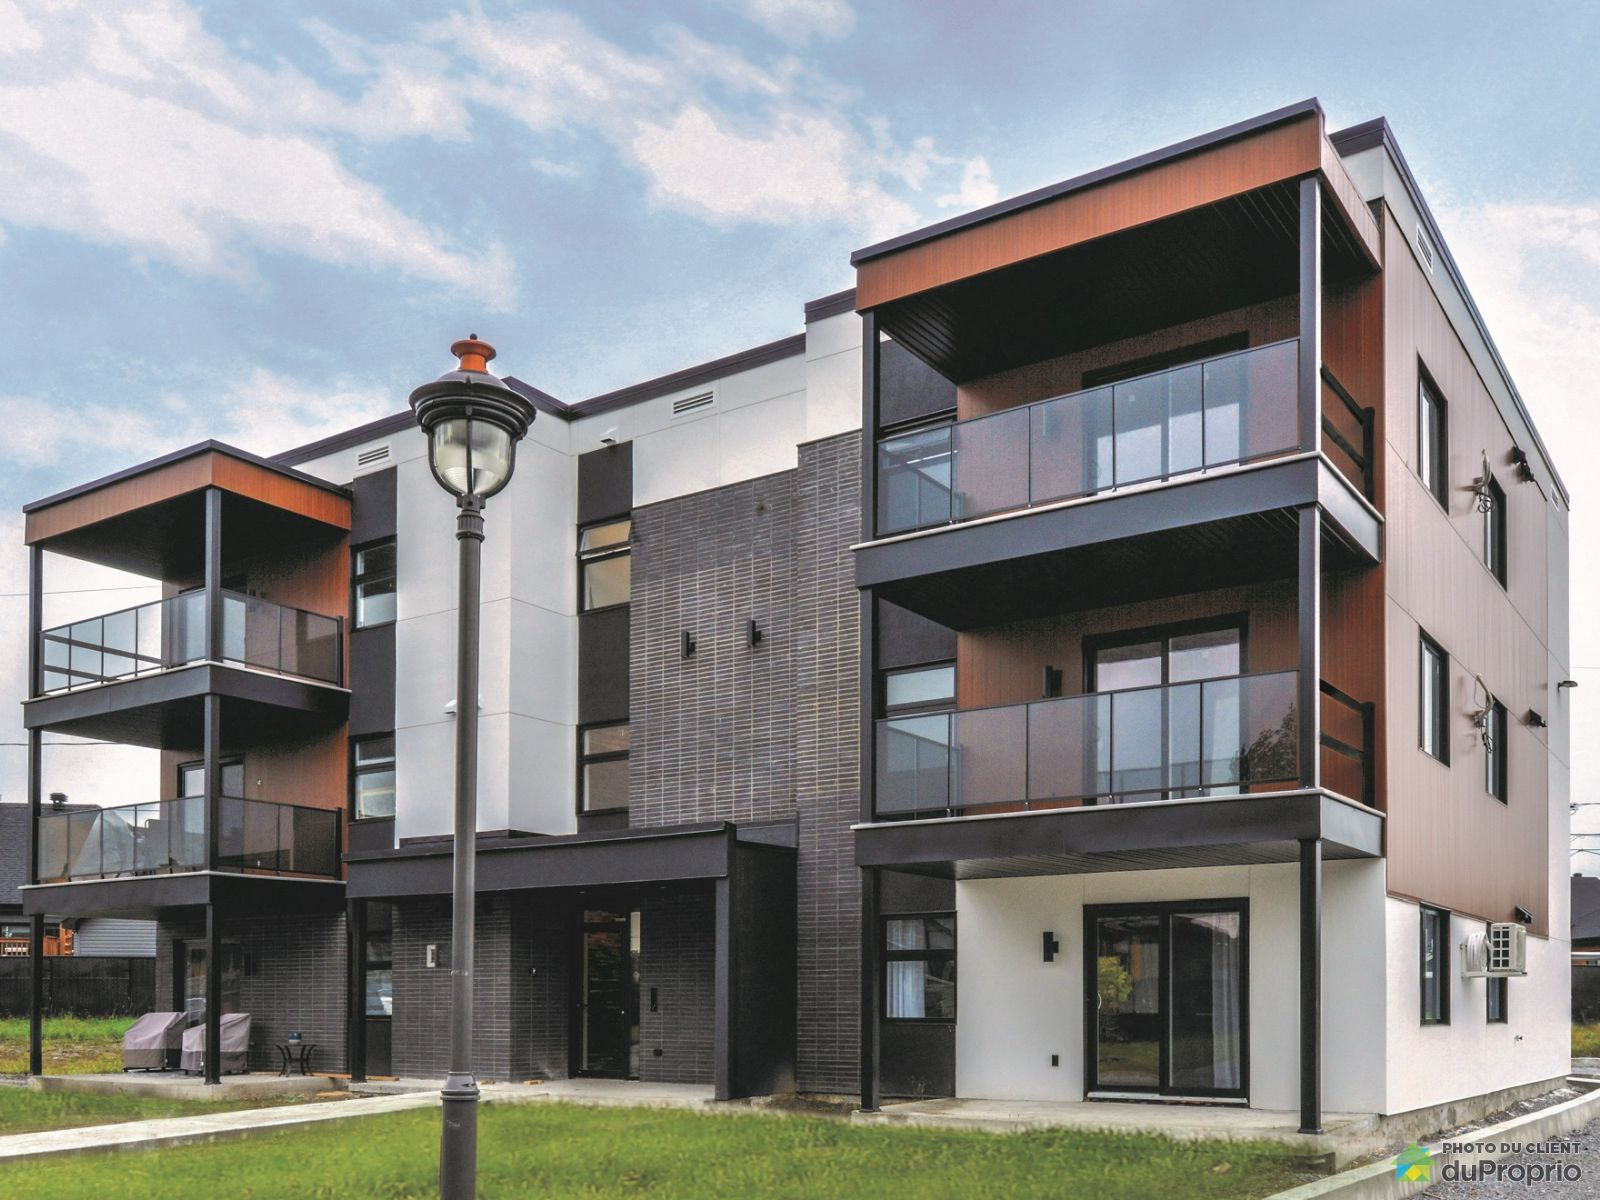 102-1945 rue Victor-Martin - Par les Constructions Robin, St-Hyacinthe (Douville) for sale